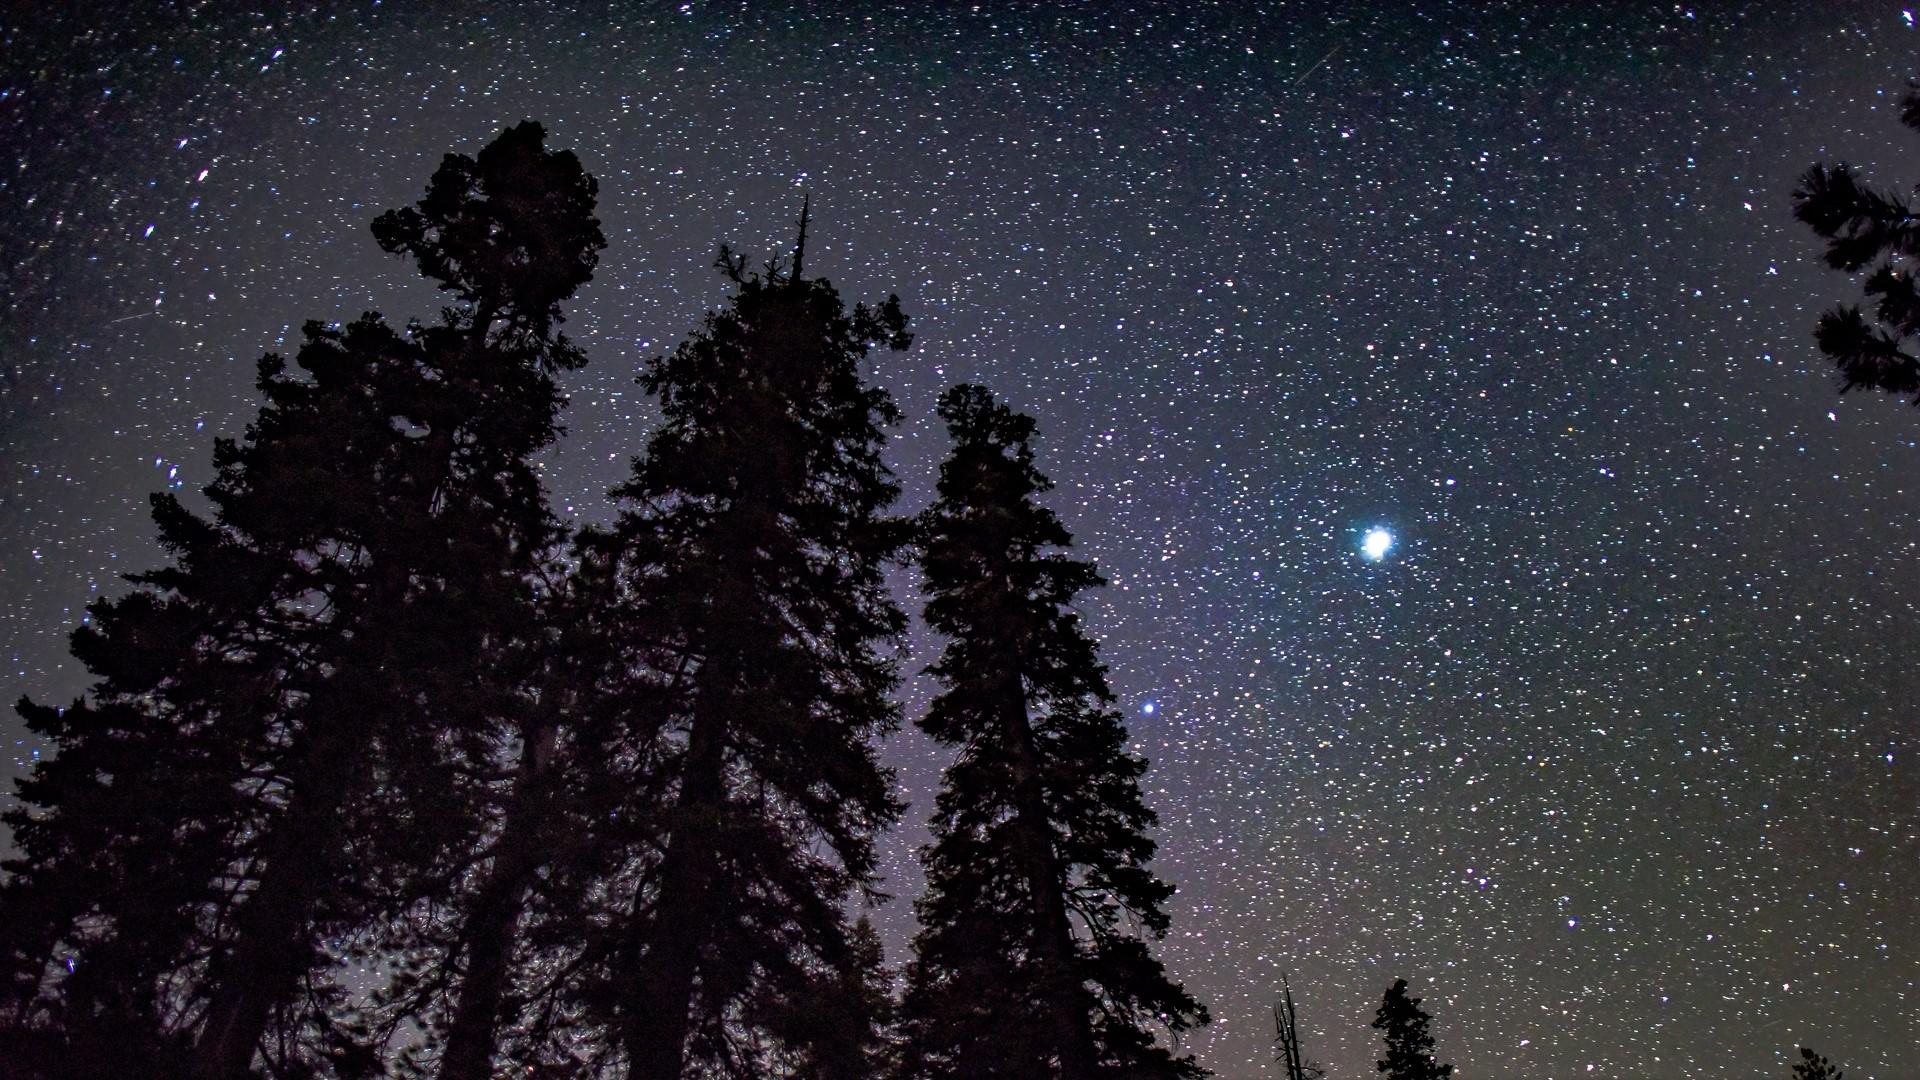 xem ảnh sao đêm lấp lánh